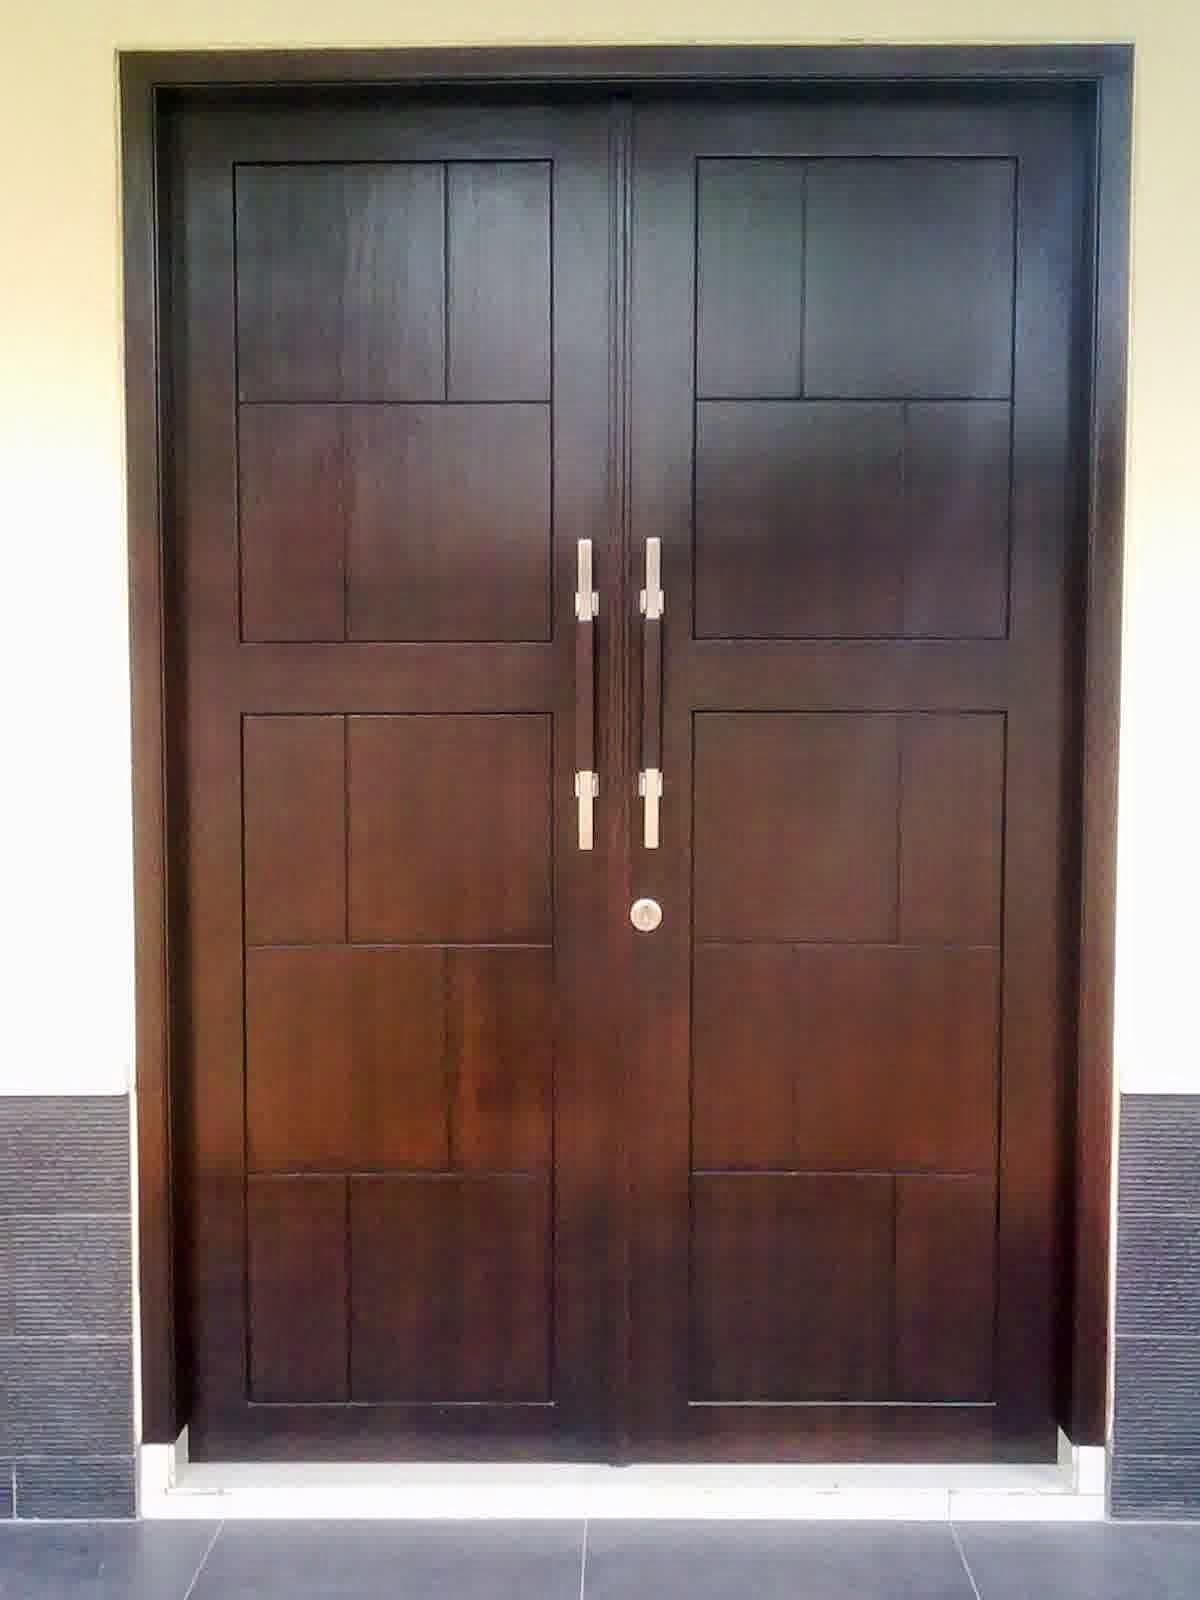 Mebel Jati Jepara Minimalis Harga Murah: Mebel Pintu Kayu Jati